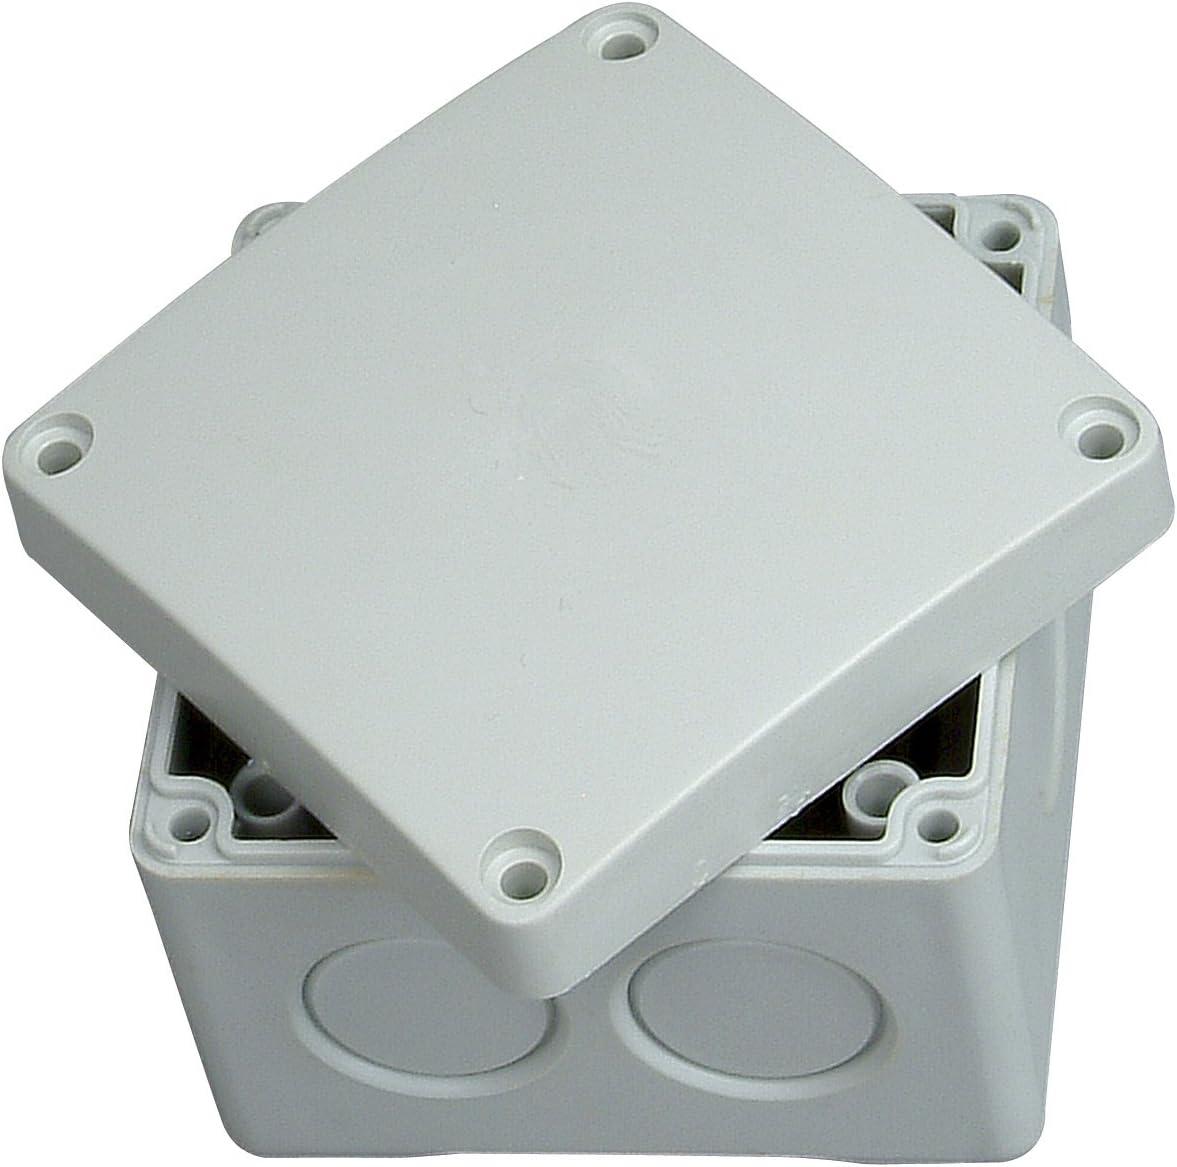 Kopp 351002007 - Caja de Empalme de conexión (a Prueba de Humedad ...